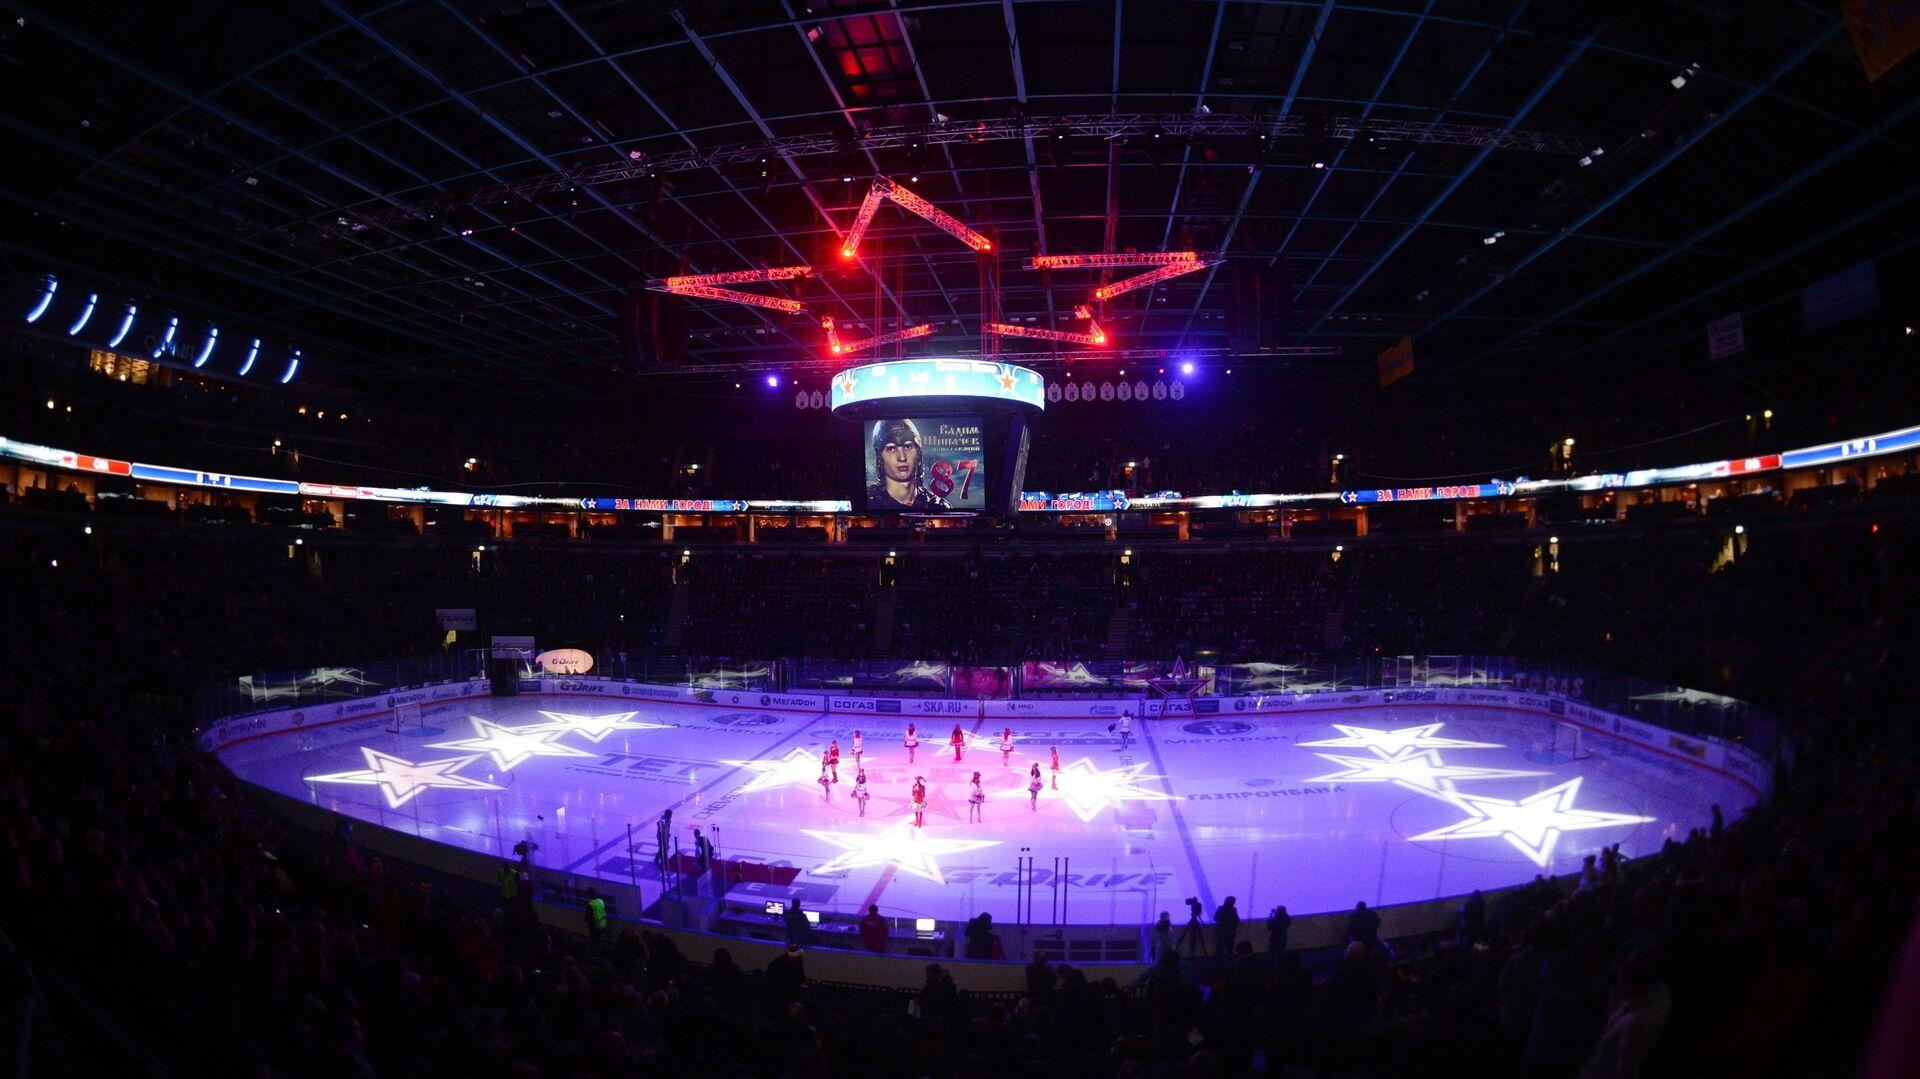 Стадион Ледовый дворец перед началом матча регулярного чемпионата Континентальной хоккейной лиги - РИА Новости, 1920, 30.11.2020